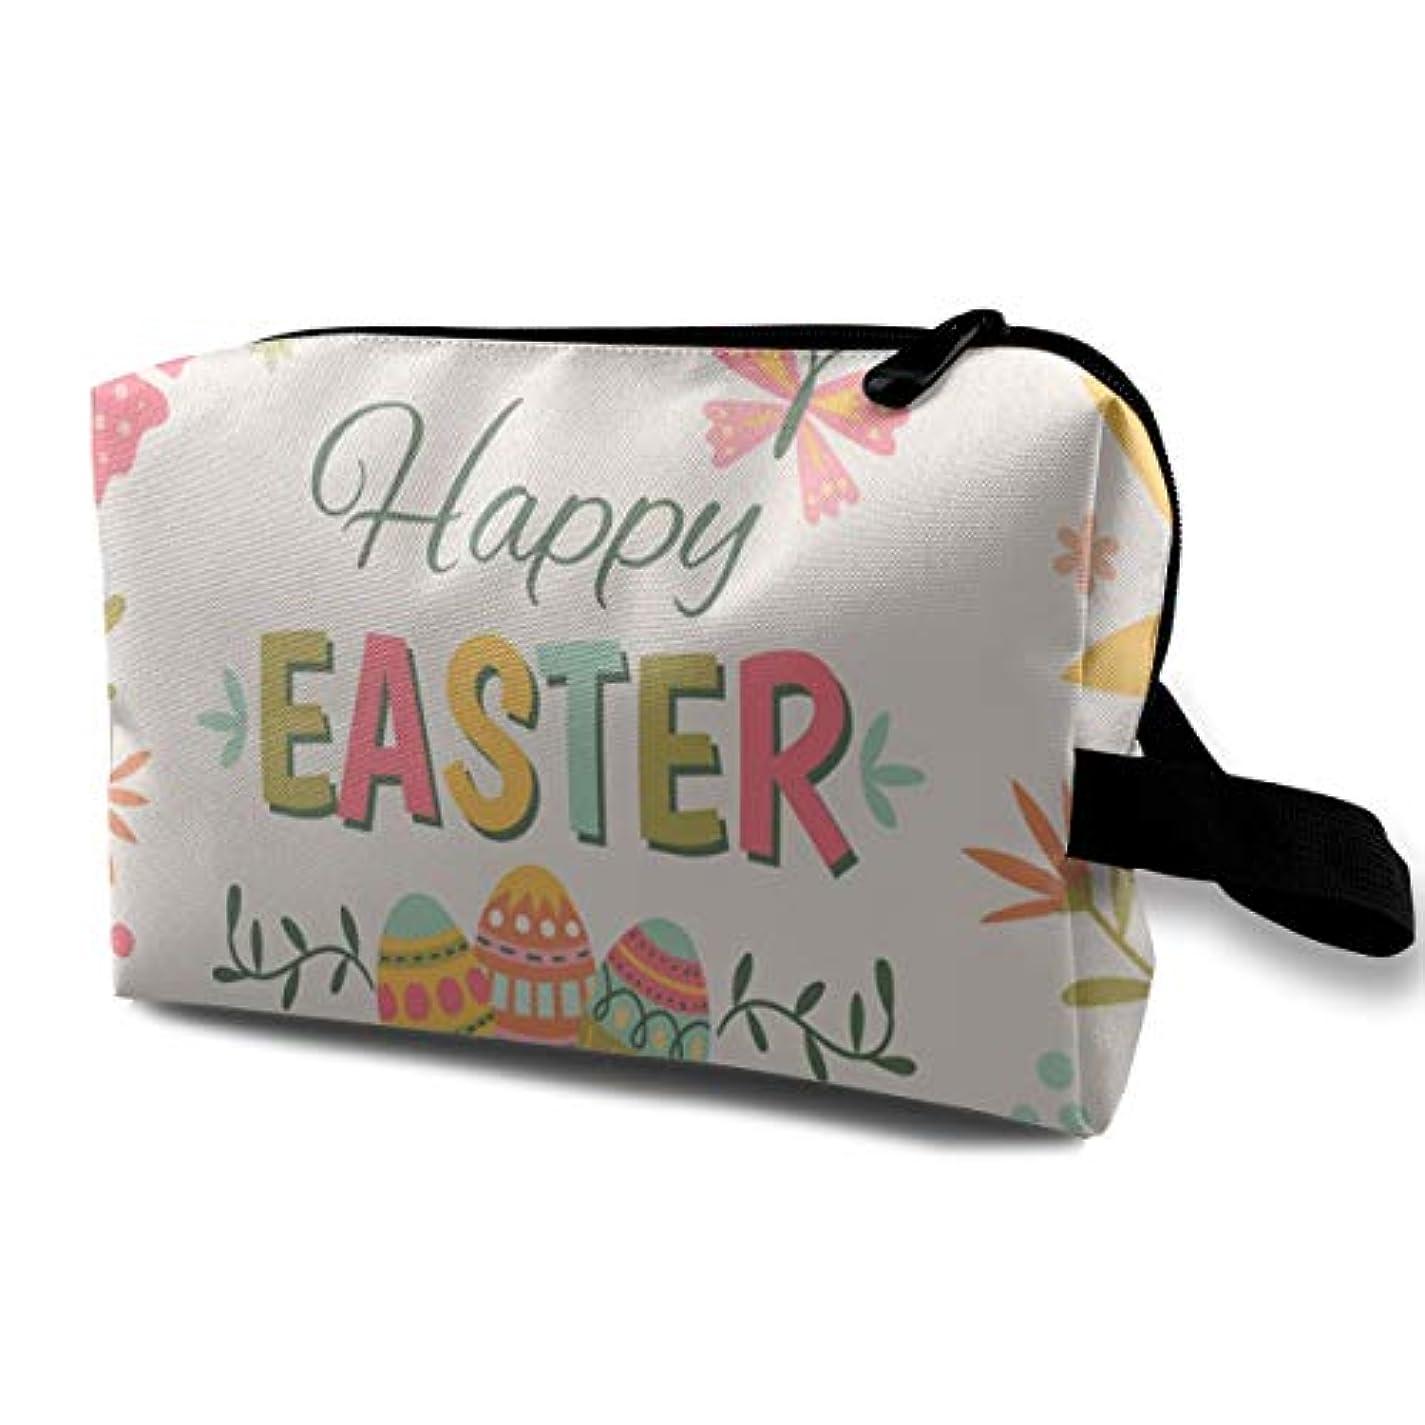 からサーカス署名Easter Eggs Flowers 収納ポーチ 化粧ポーチ 大容量 軽量 耐久性 ハンドル付持ち運び便利。入れ 自宅?出張?旅行?アウトドア撮影などに対応。メンズ レディース トラベルグッズ